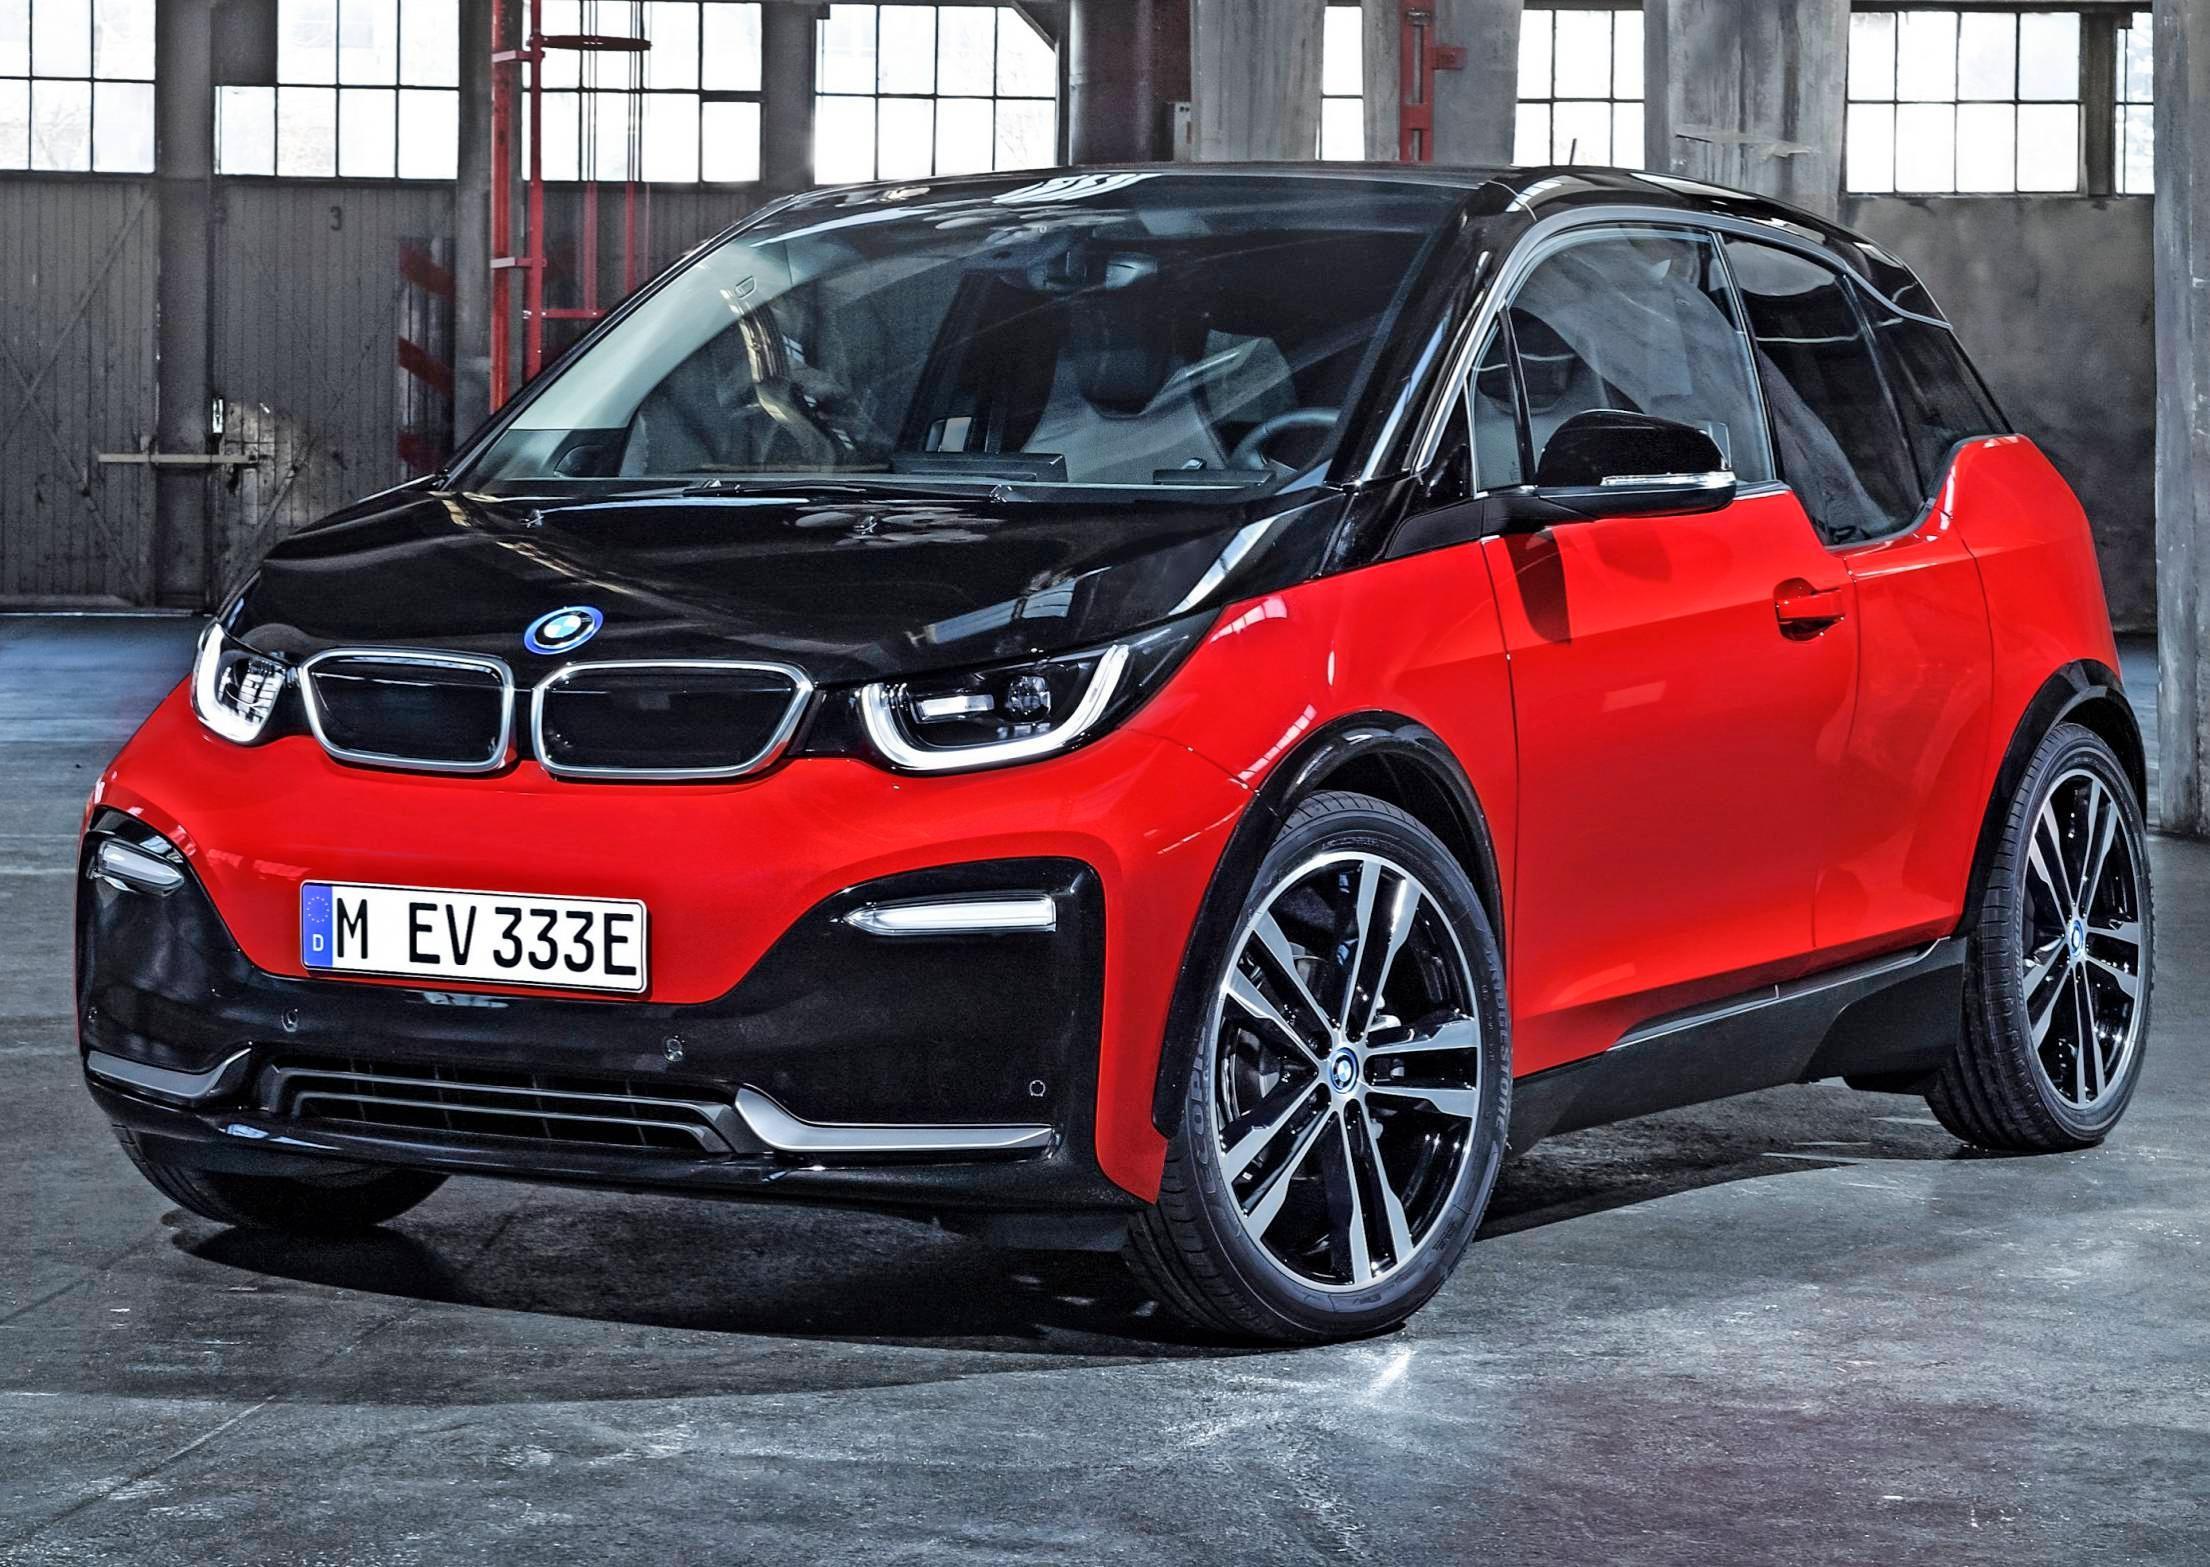 Bereits seit 2013 hat BMW den i3 im Programm. Die Bayern haben den Wagen immer wieder überarbeitet. Aktuell gibt es zwei Leistungsstärken mit 270 bis 300 Kilometern Reichweite. Fotos: BMW